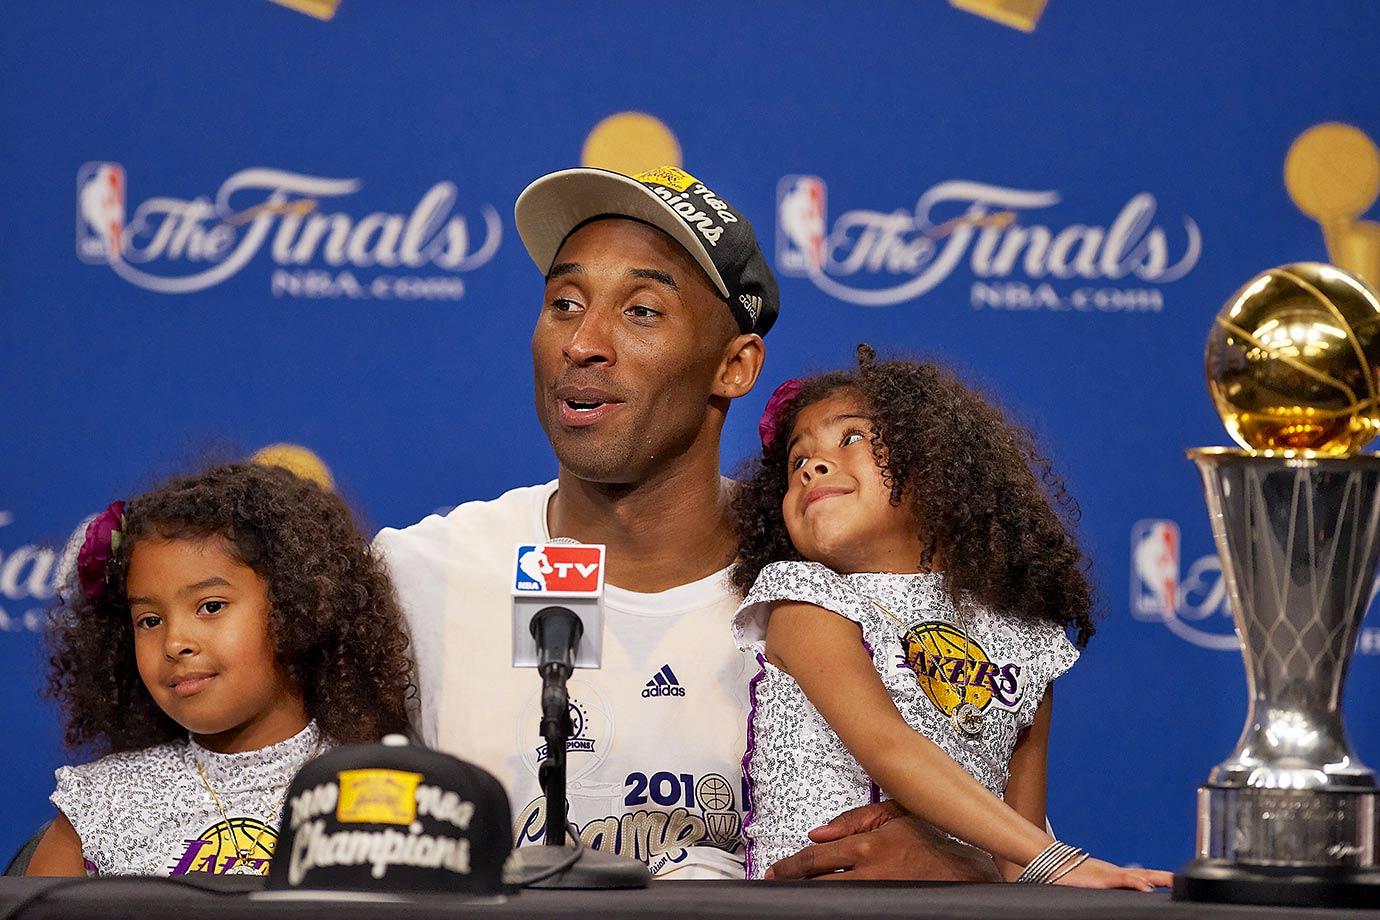 Kobe Bryant and daughters Natalia and Gianna